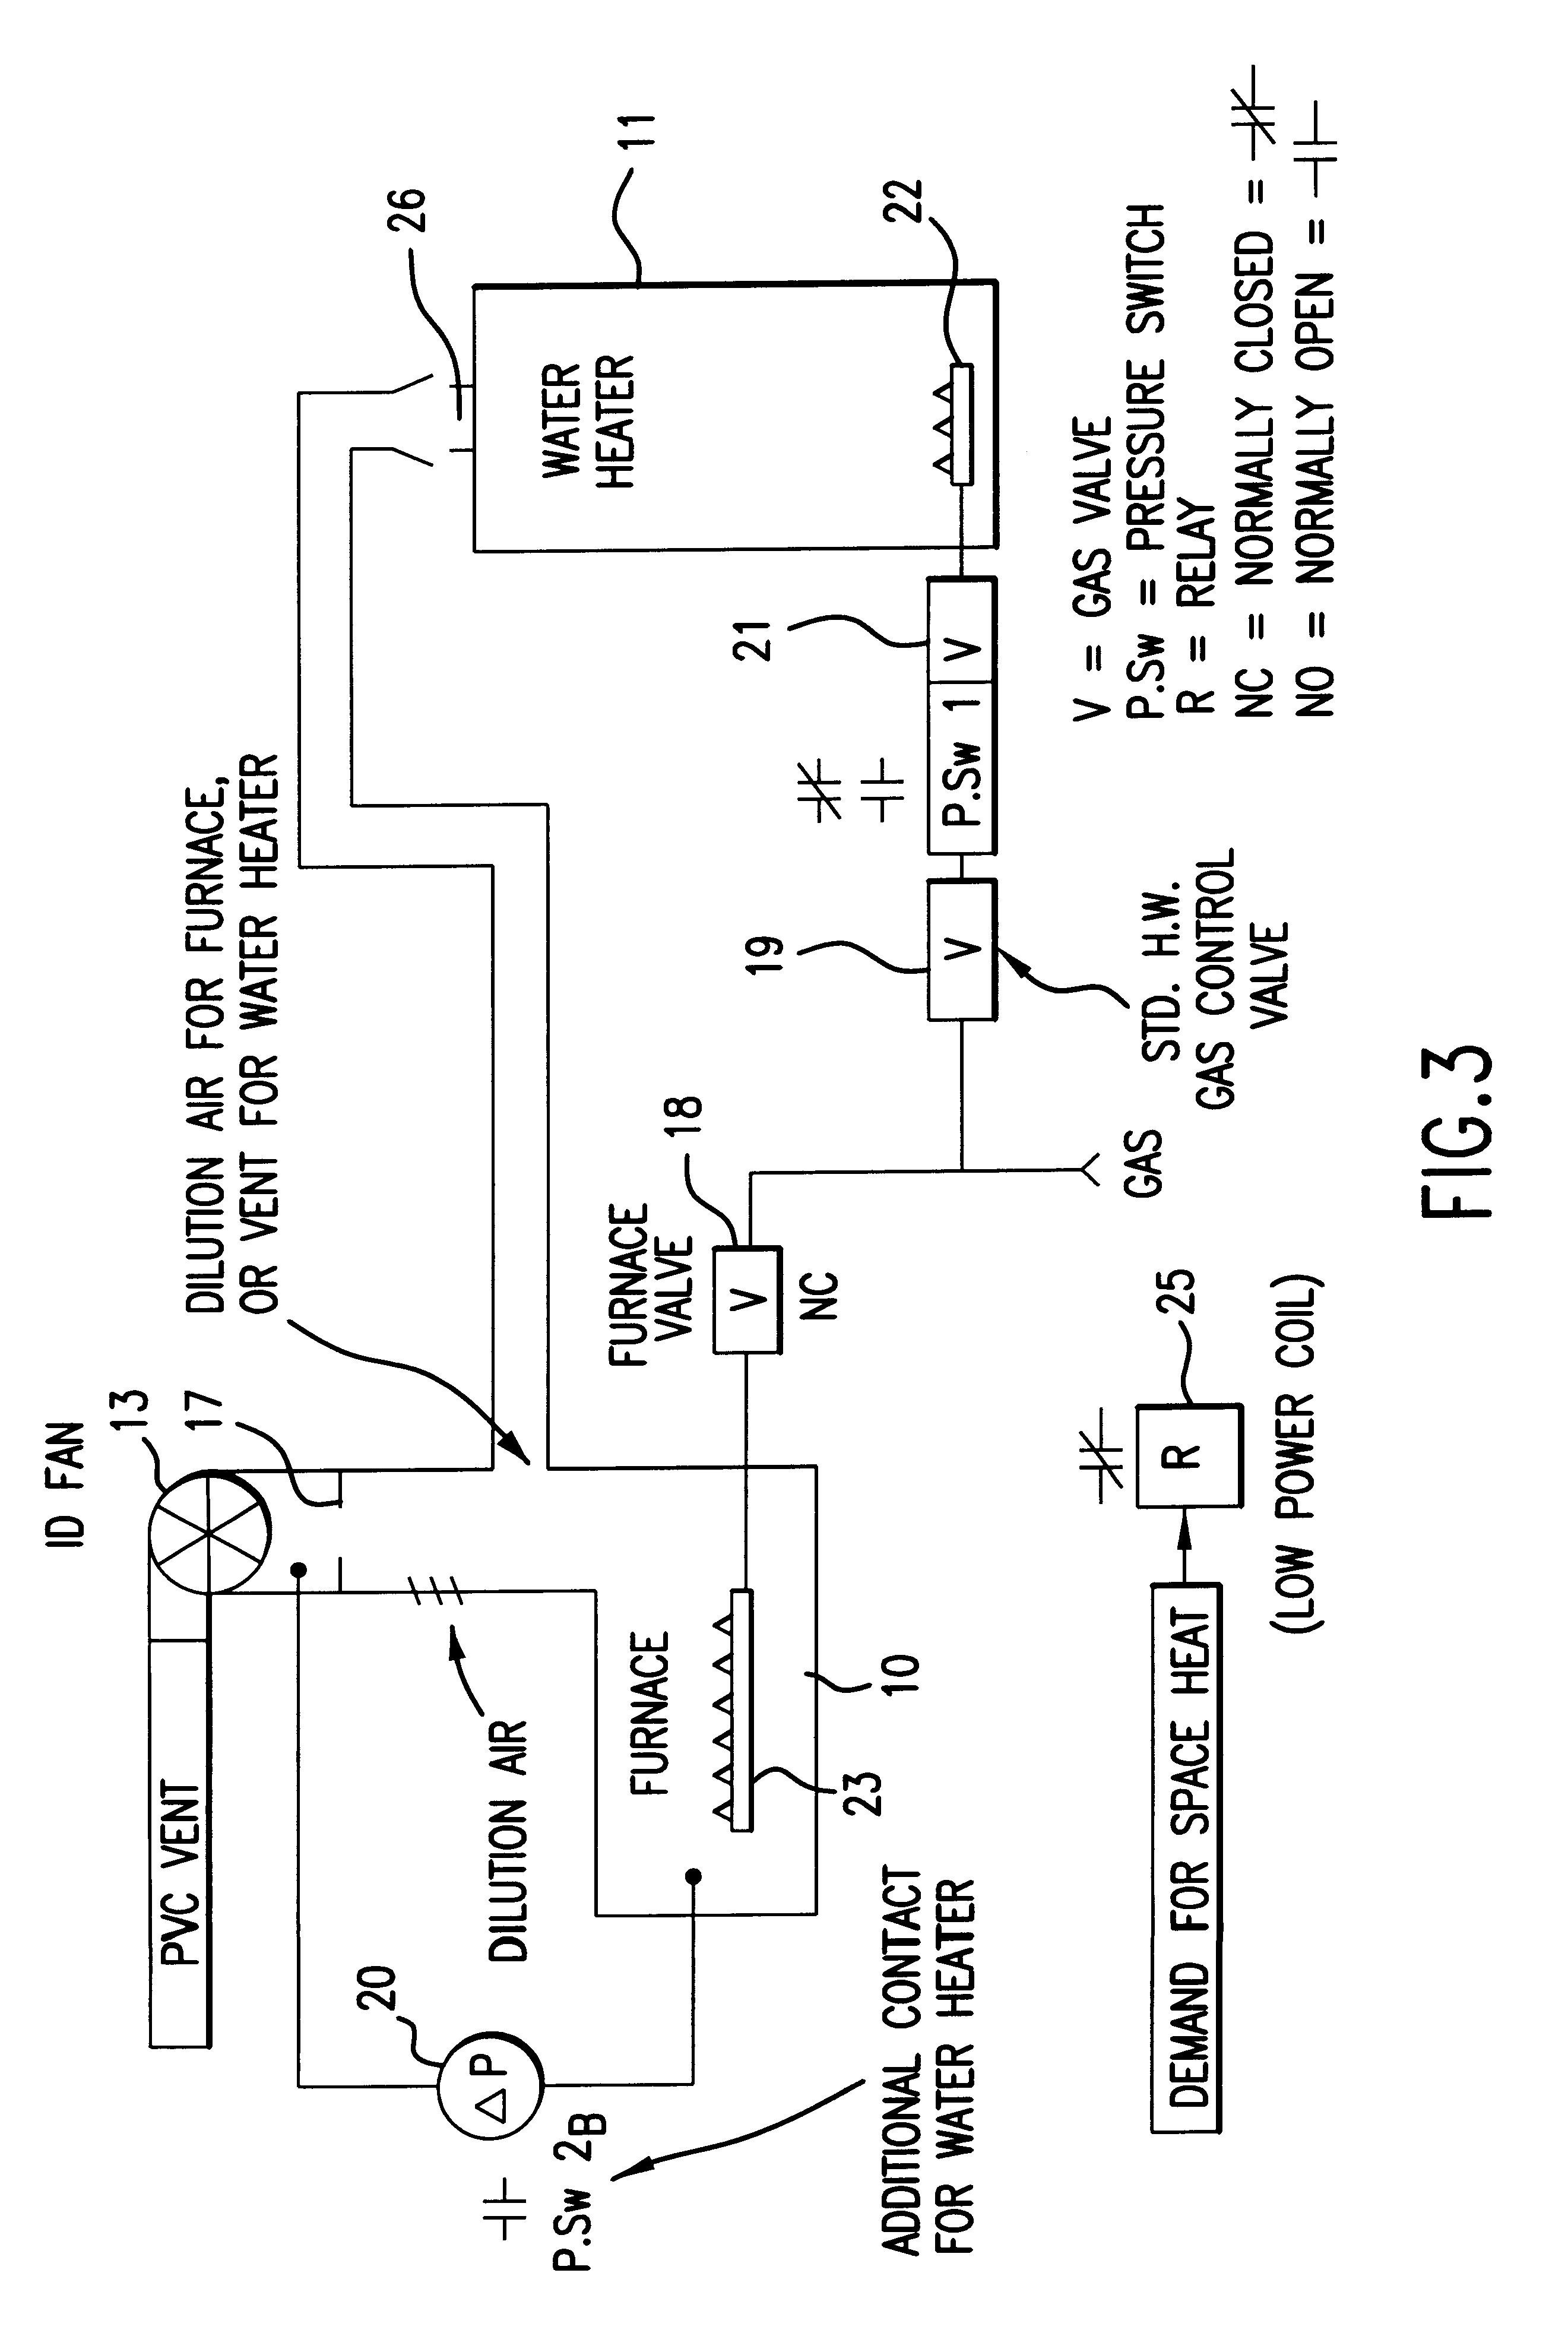 Hot Water Heater Schematics